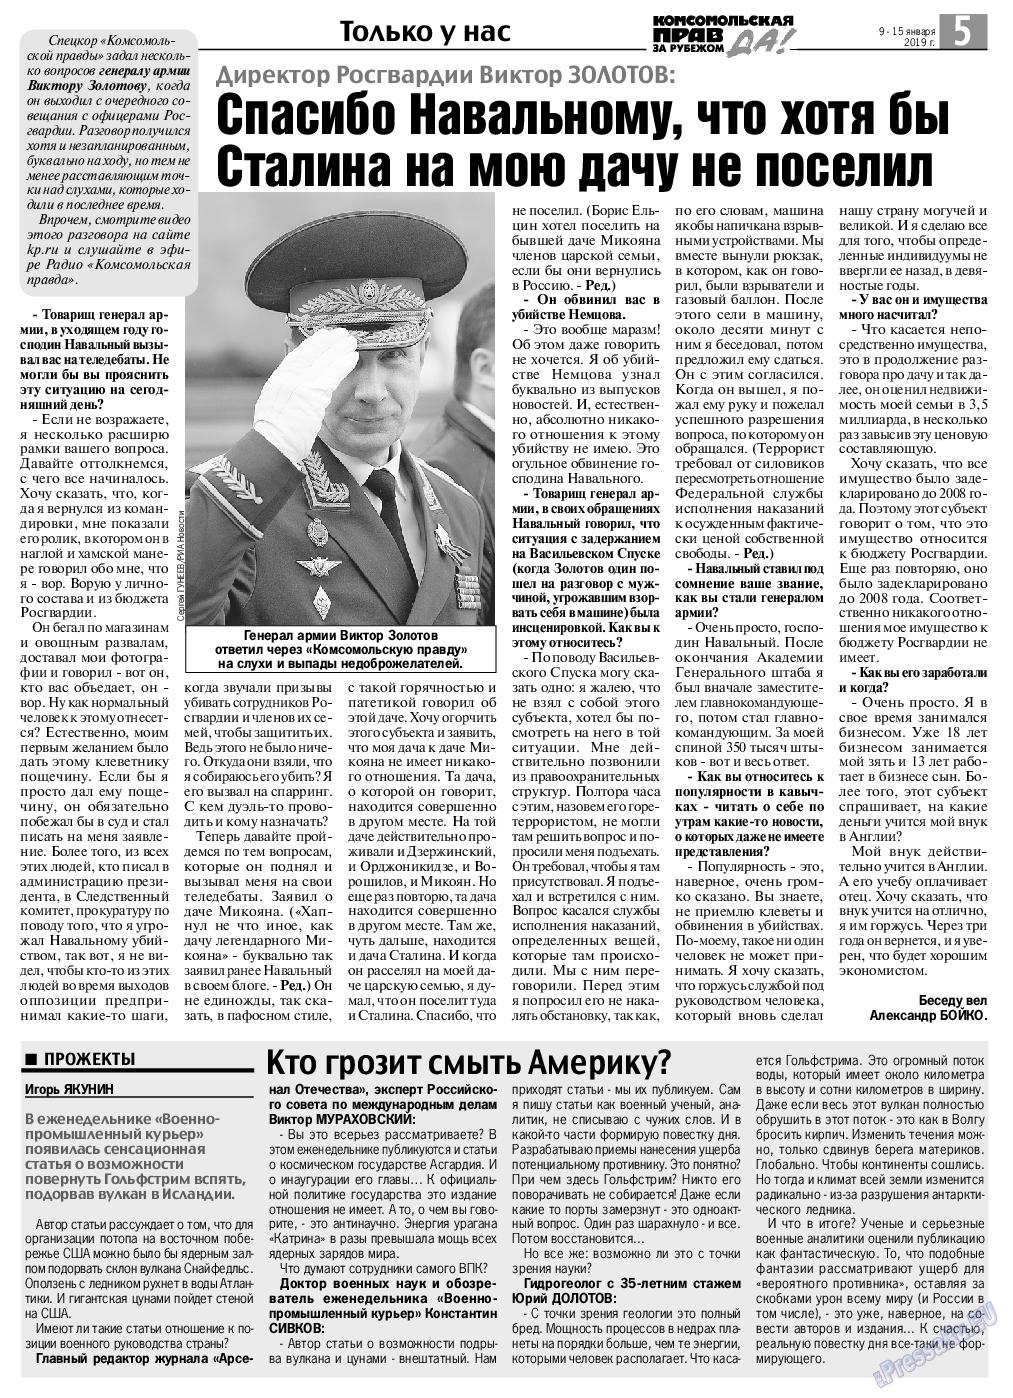 КП в Европе (газета). 2019 год, номер 2, стр. 5